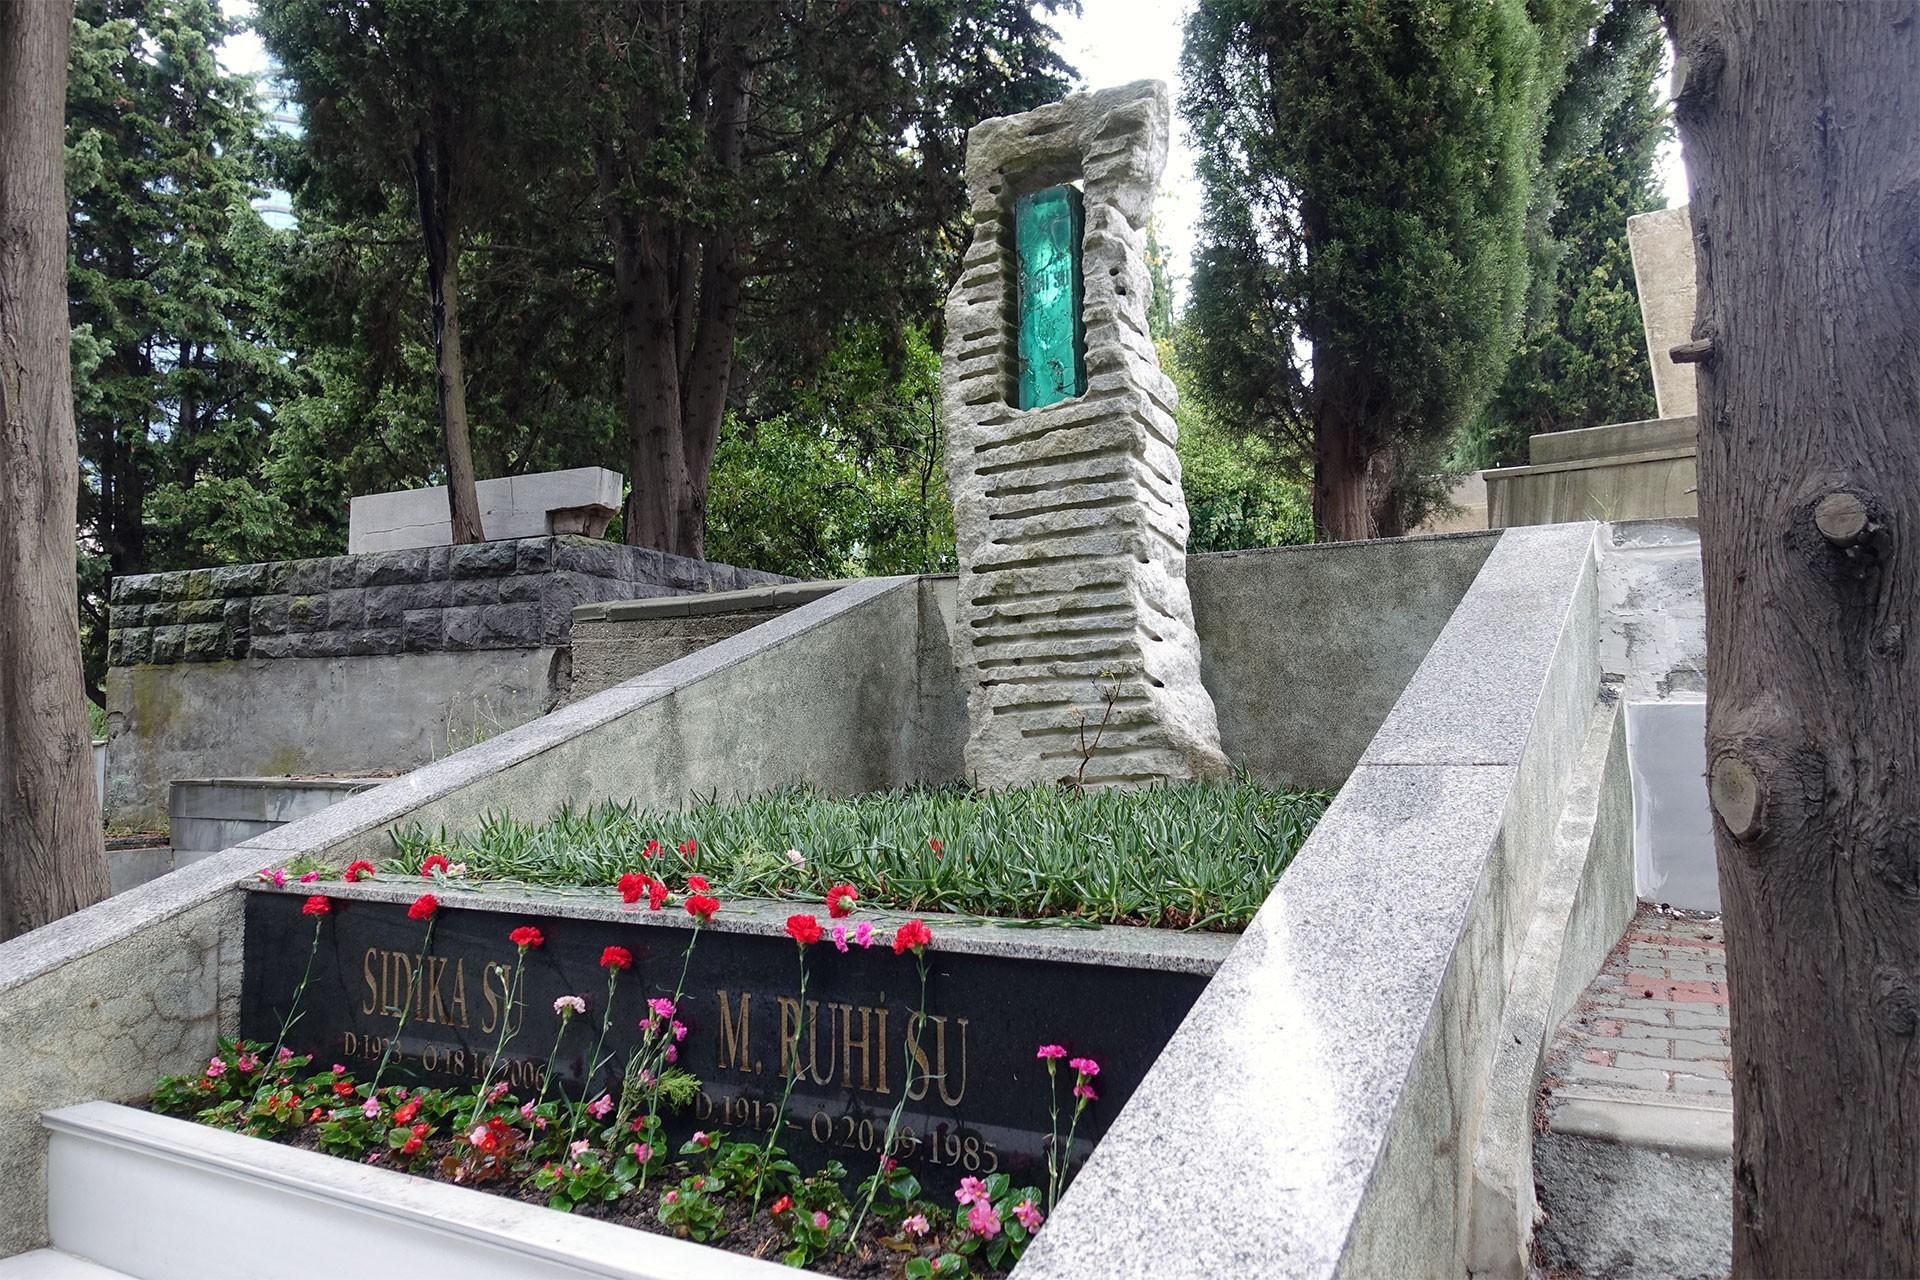 Ruhi Su mezarı başında türkü ve şiirlerle anıldı